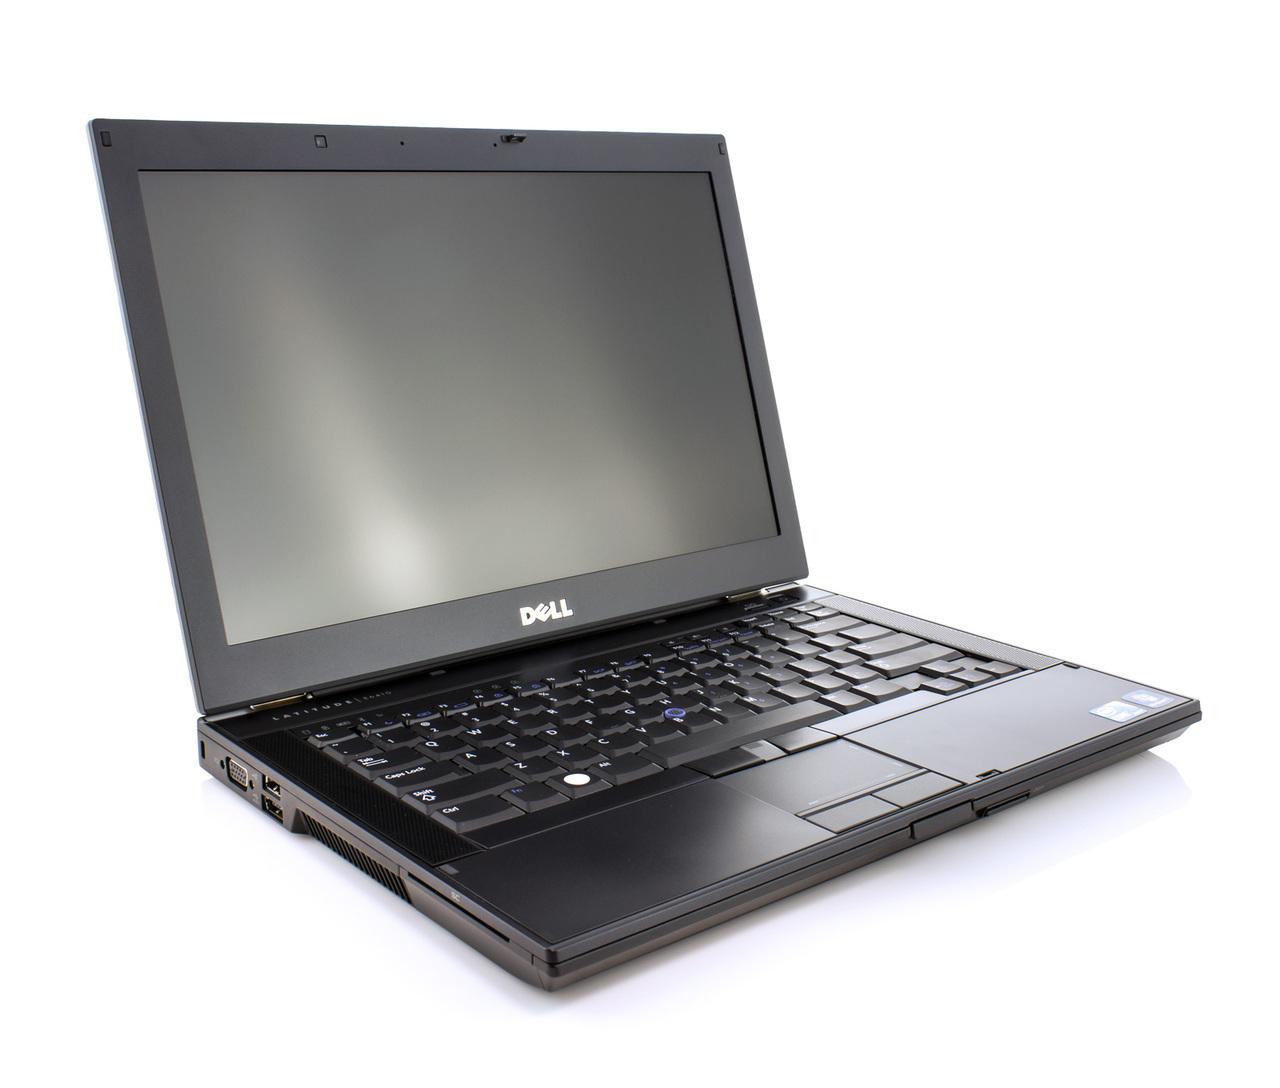 Dell e6510 broadcom ush